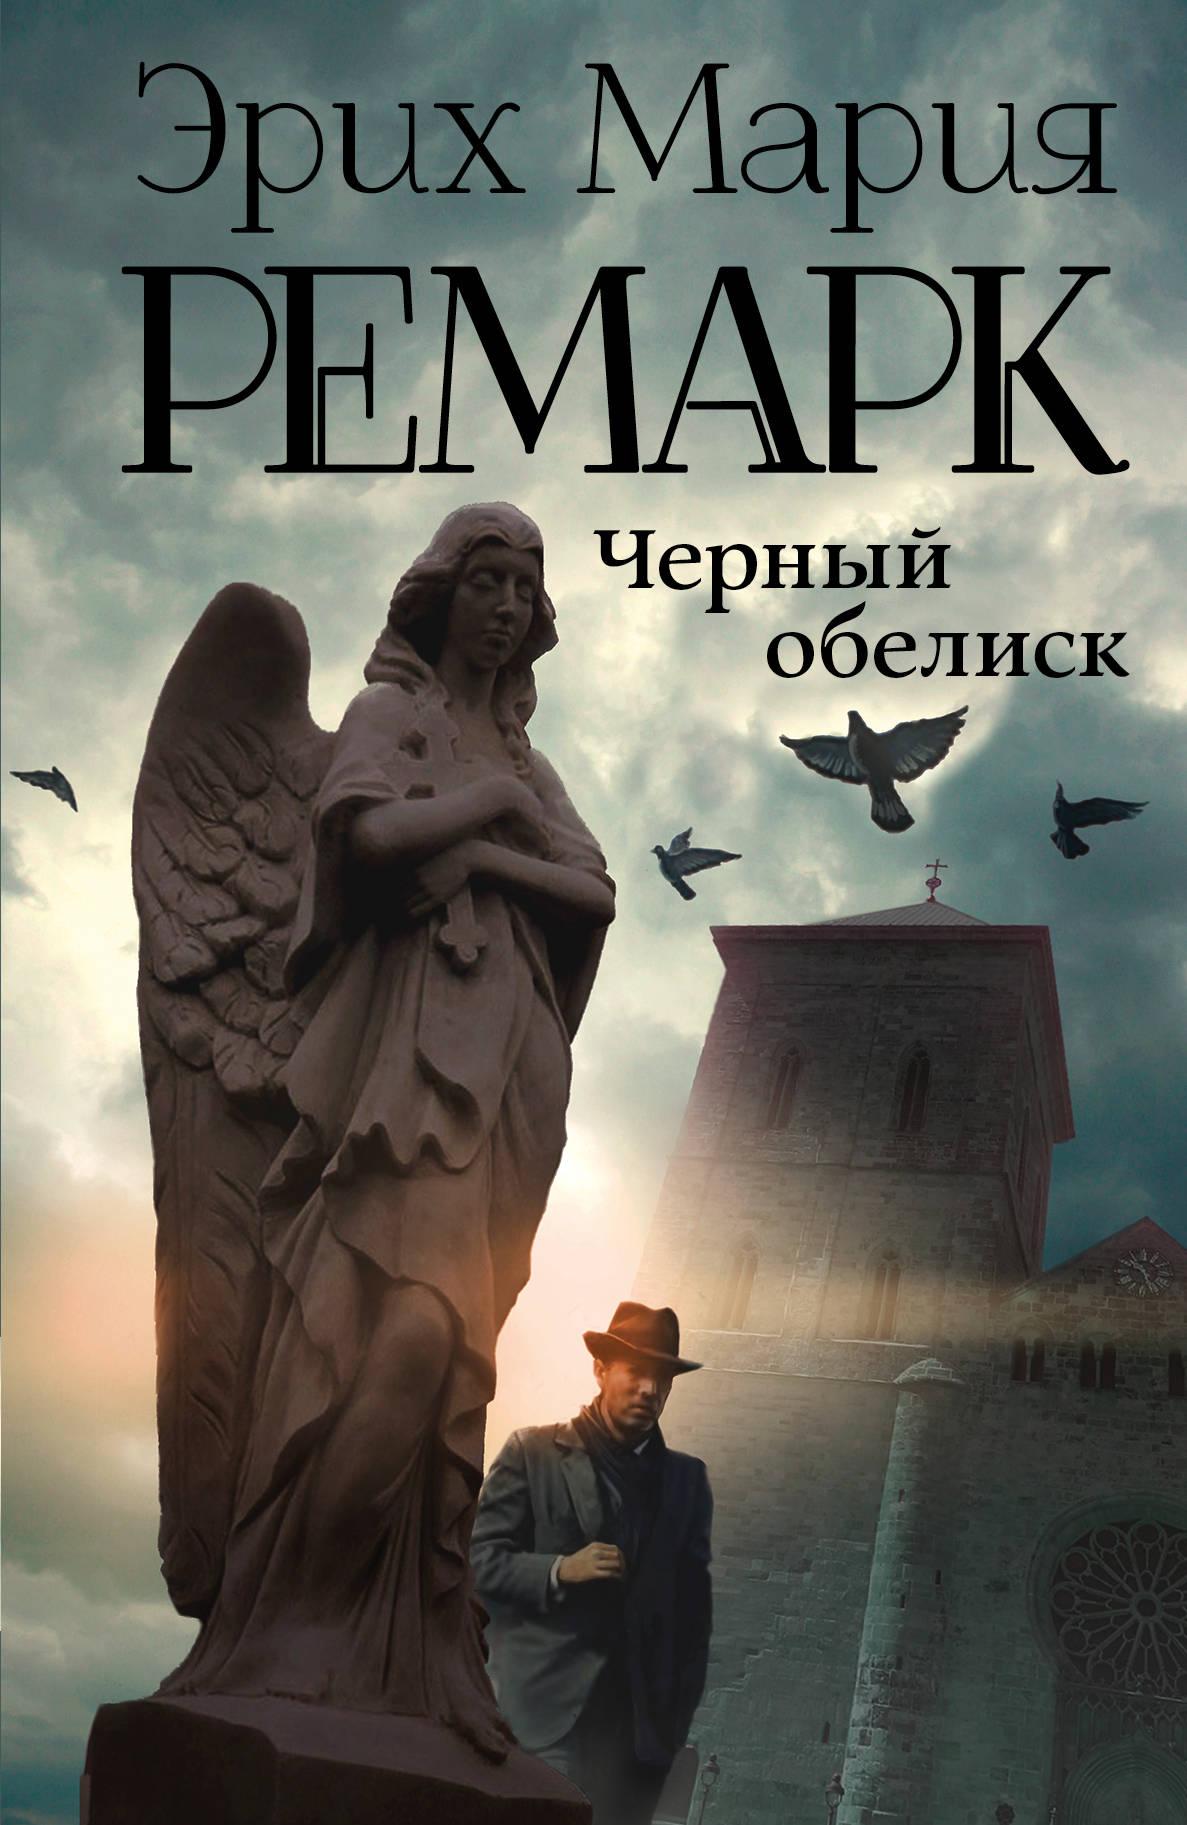 Эрих Мария Ремарк Черный обелиск цена